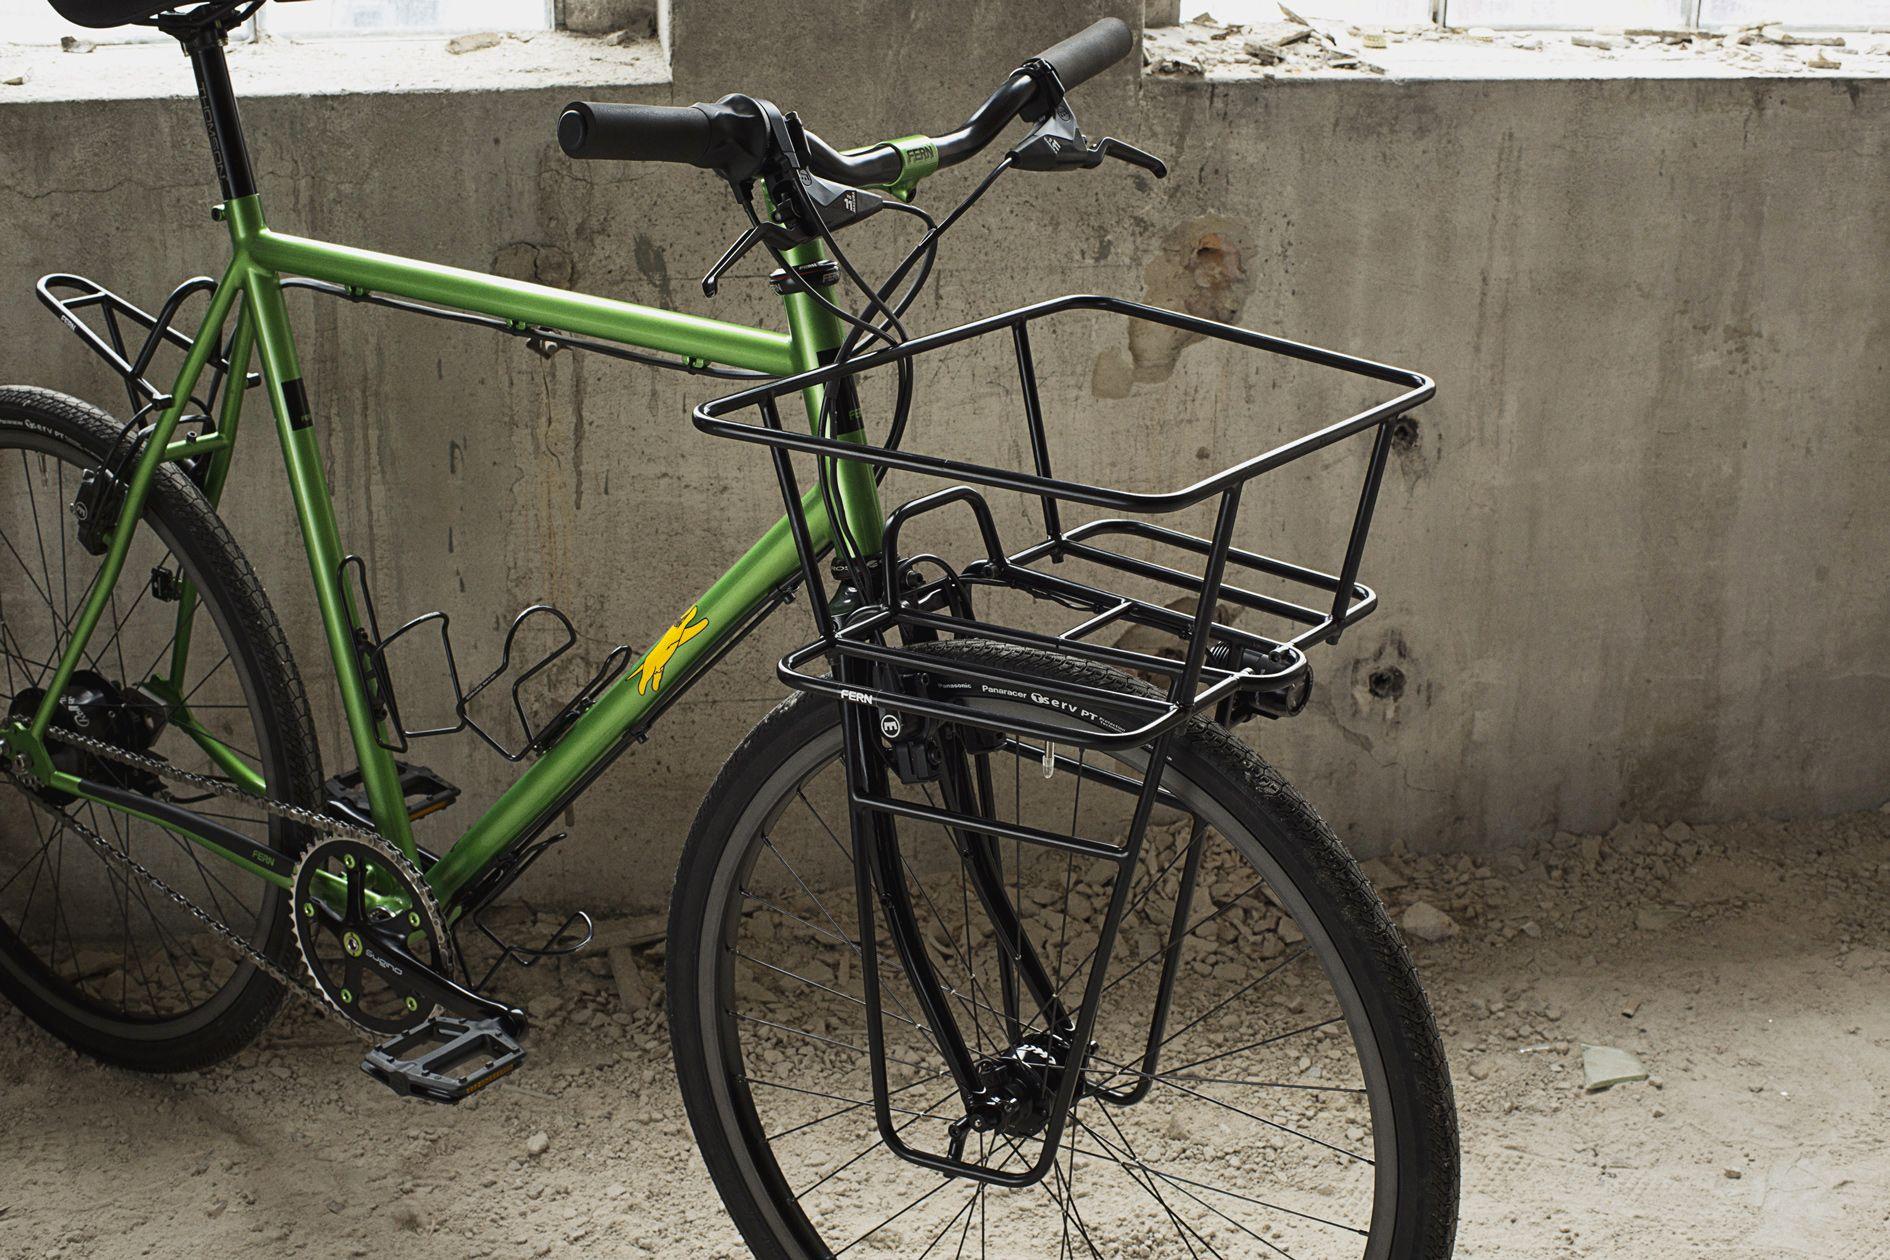 Fern Fahrraeder | Bahnrad, Singlespeeder, Fahrrad